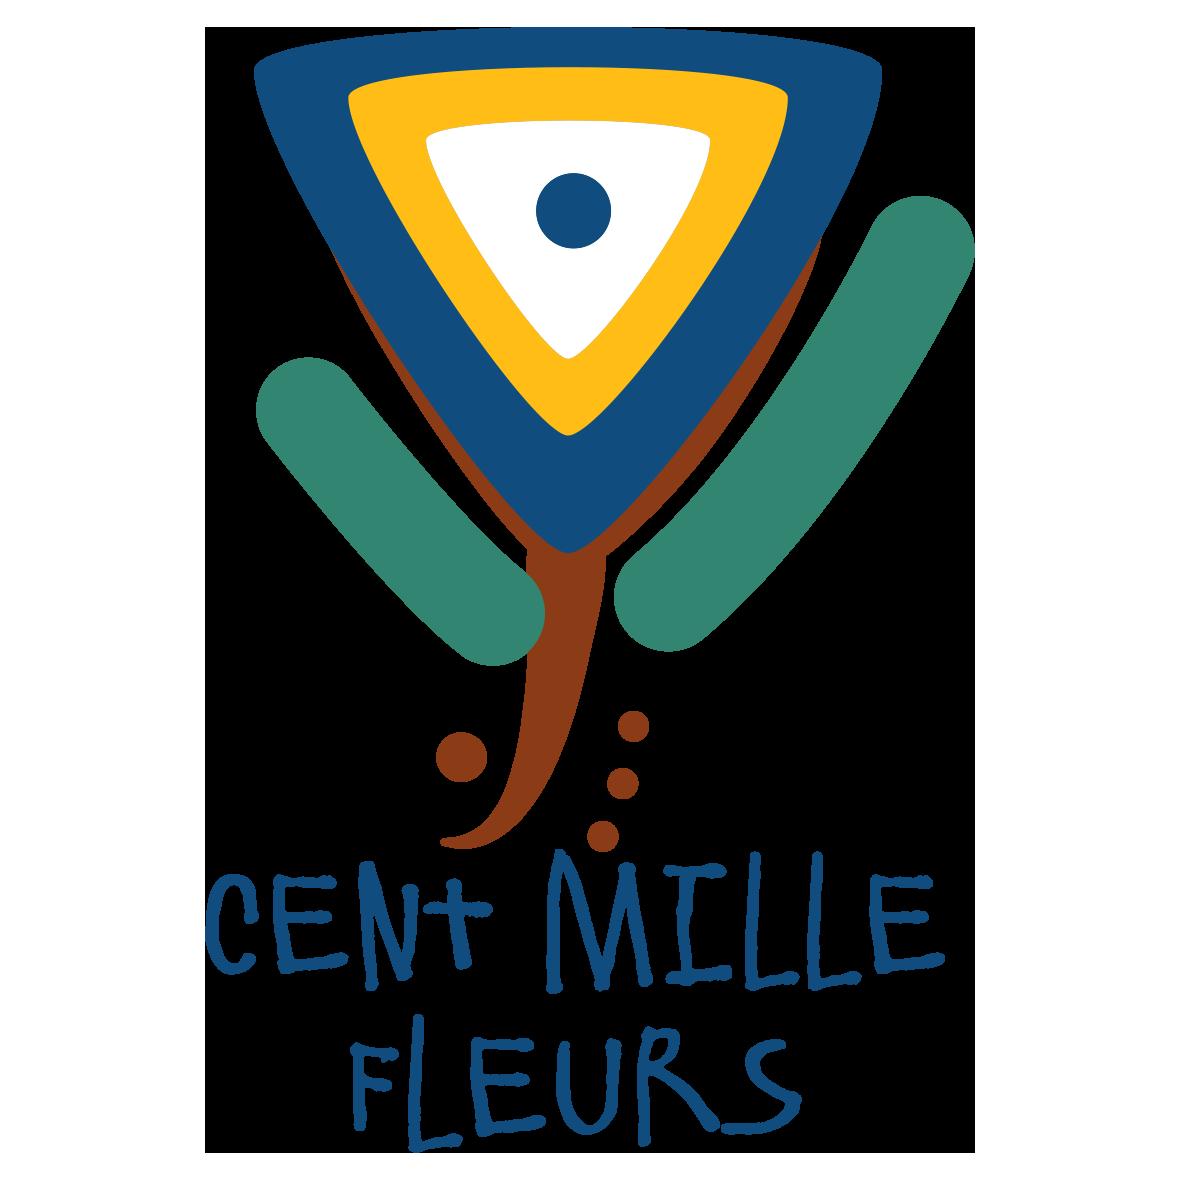 CENT MILLE FLEURS